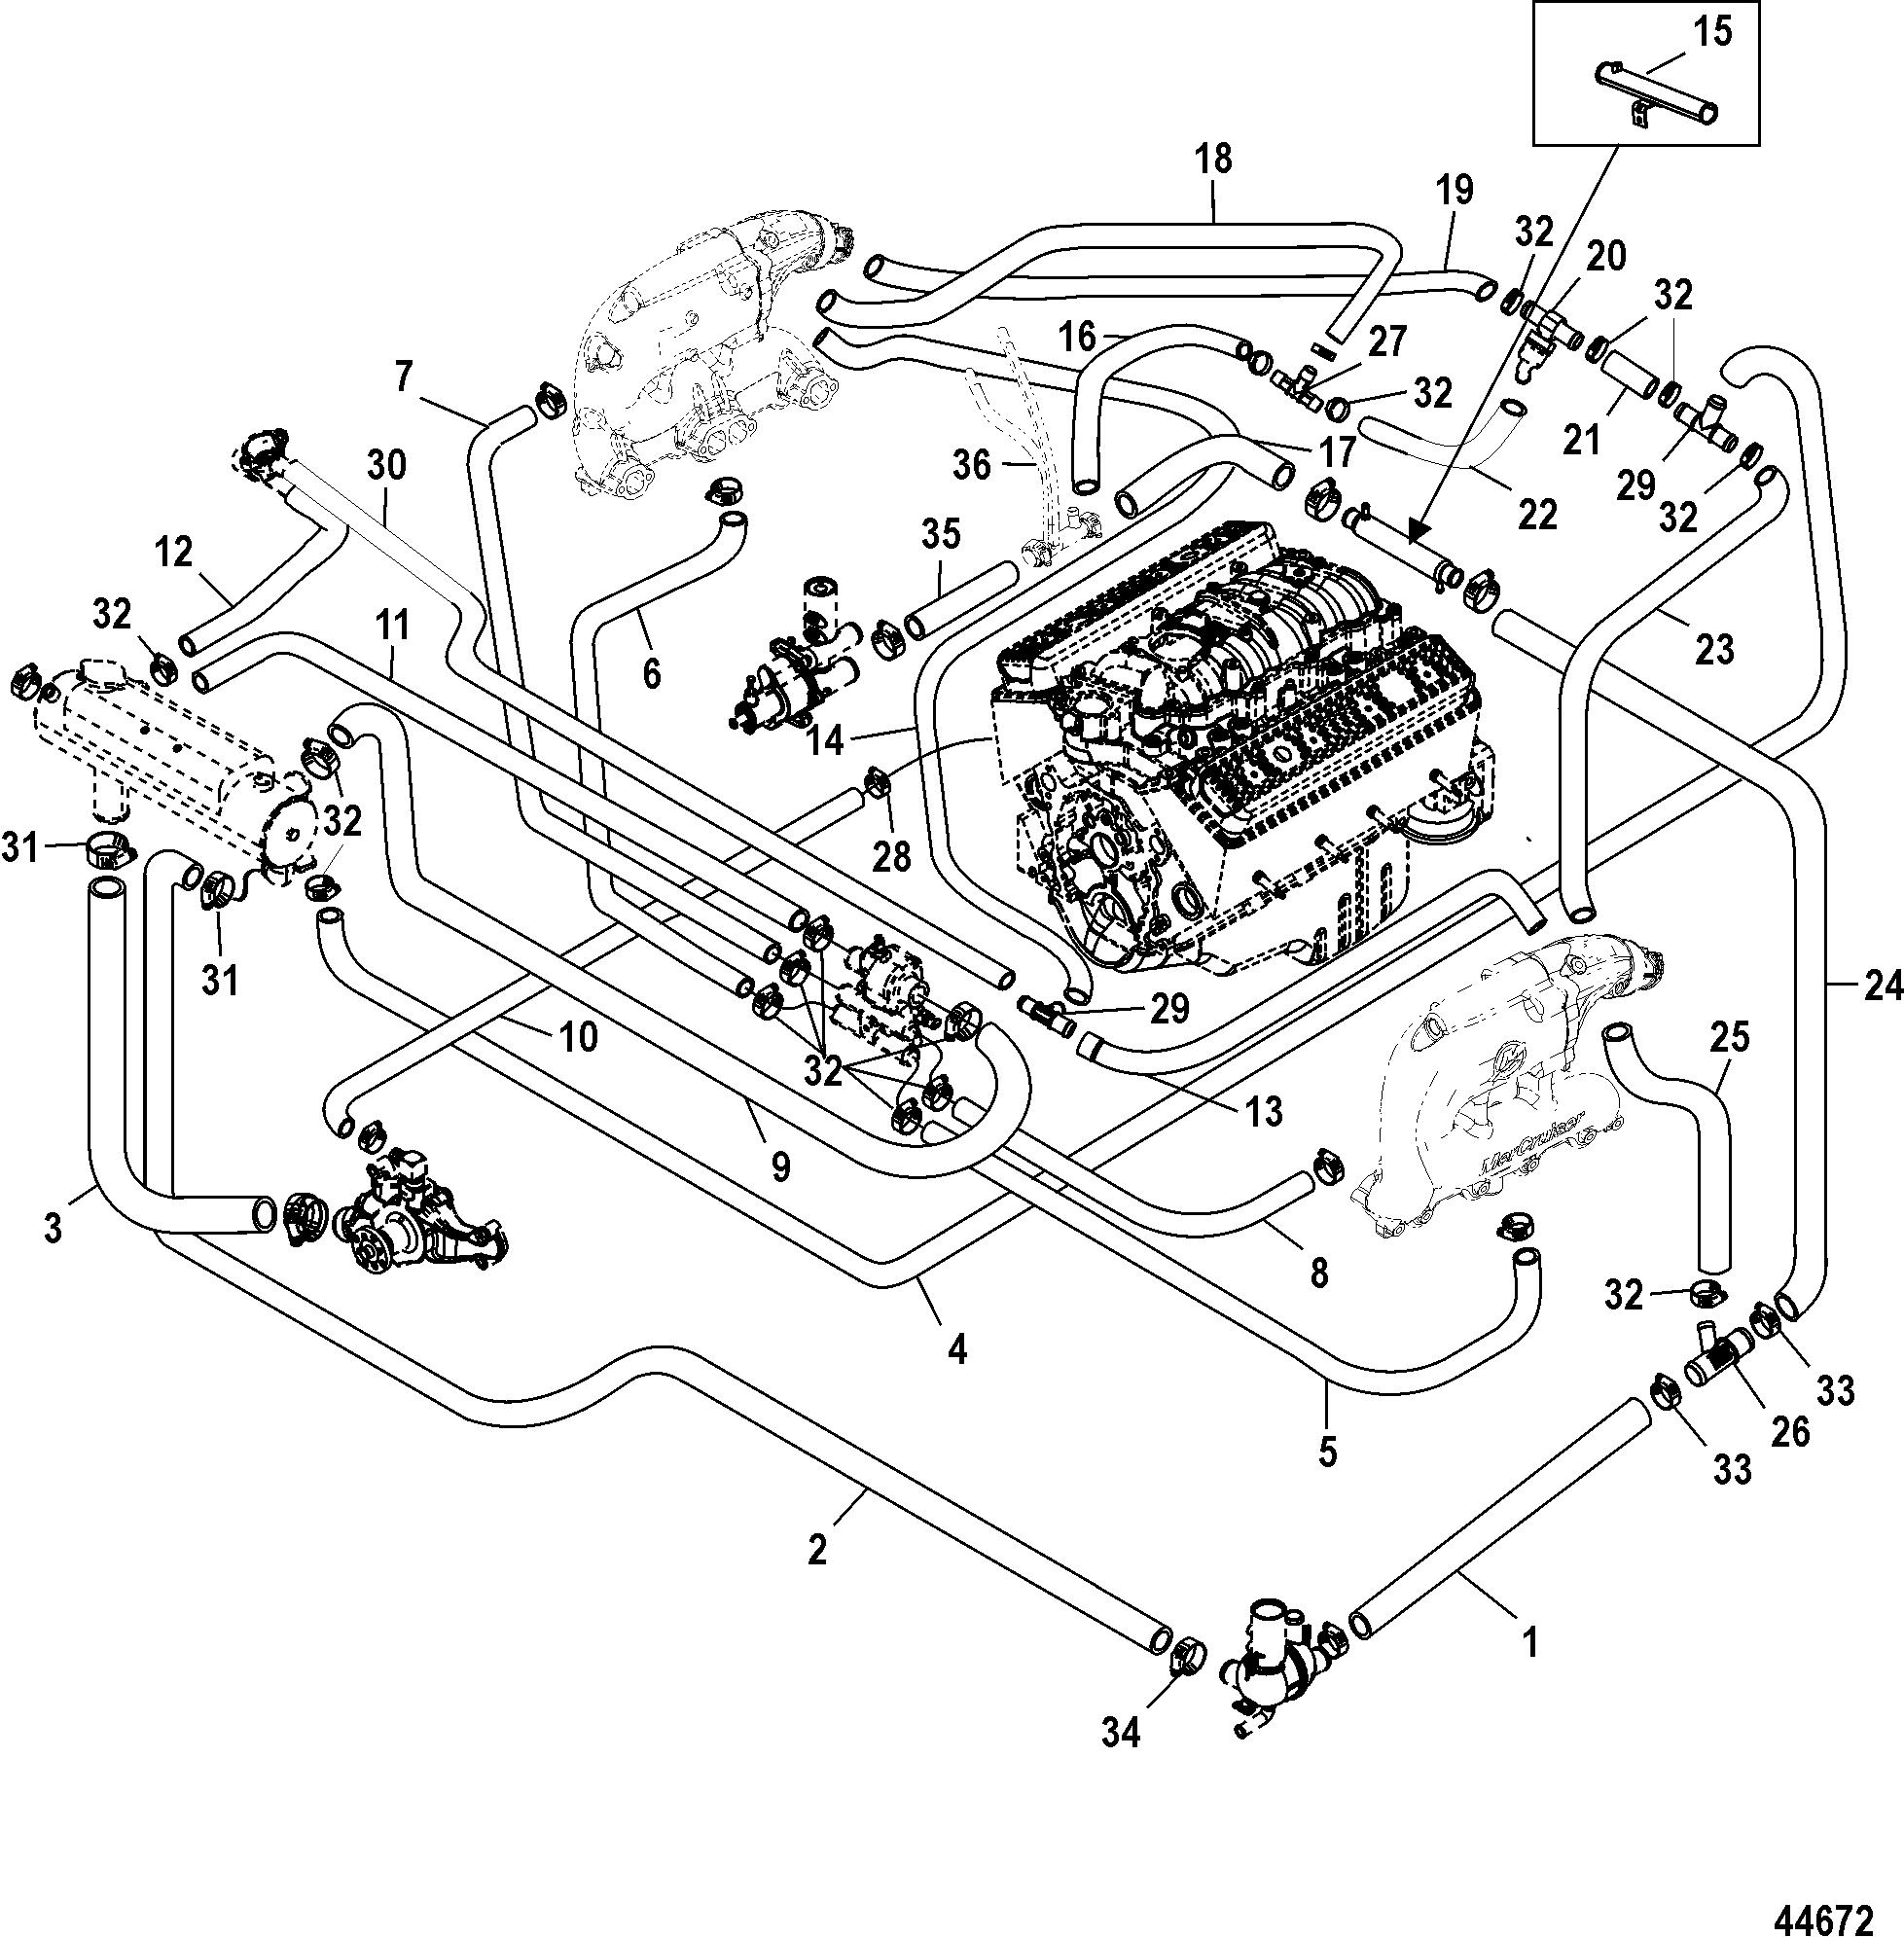 mercruiser 350 mag mpi engine diagram online wiring diagram rh 7 kaspars co 350 V8 Engine Diagram Mercruiser Alpha One Diagram